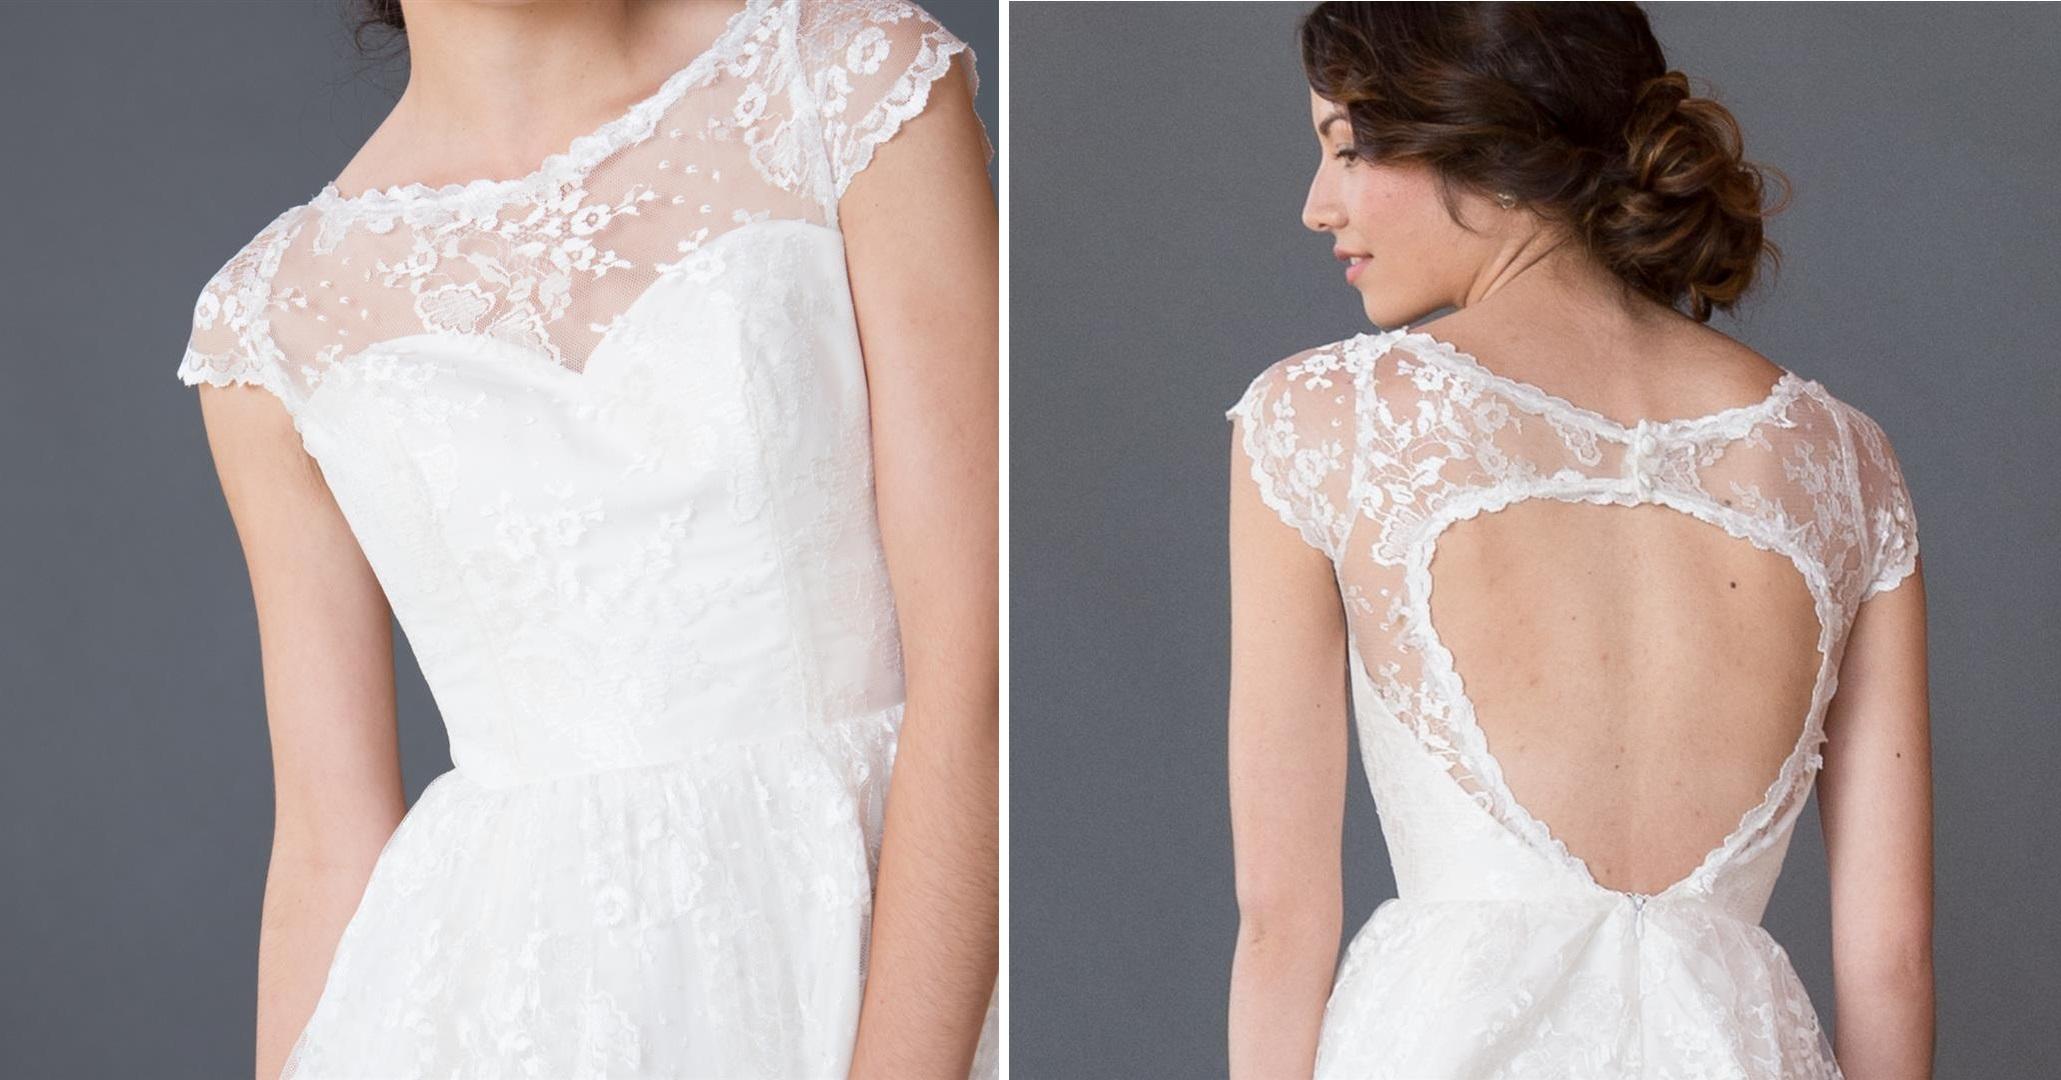 Diana Celia Grace Eco Fair Trade Wedding Dress